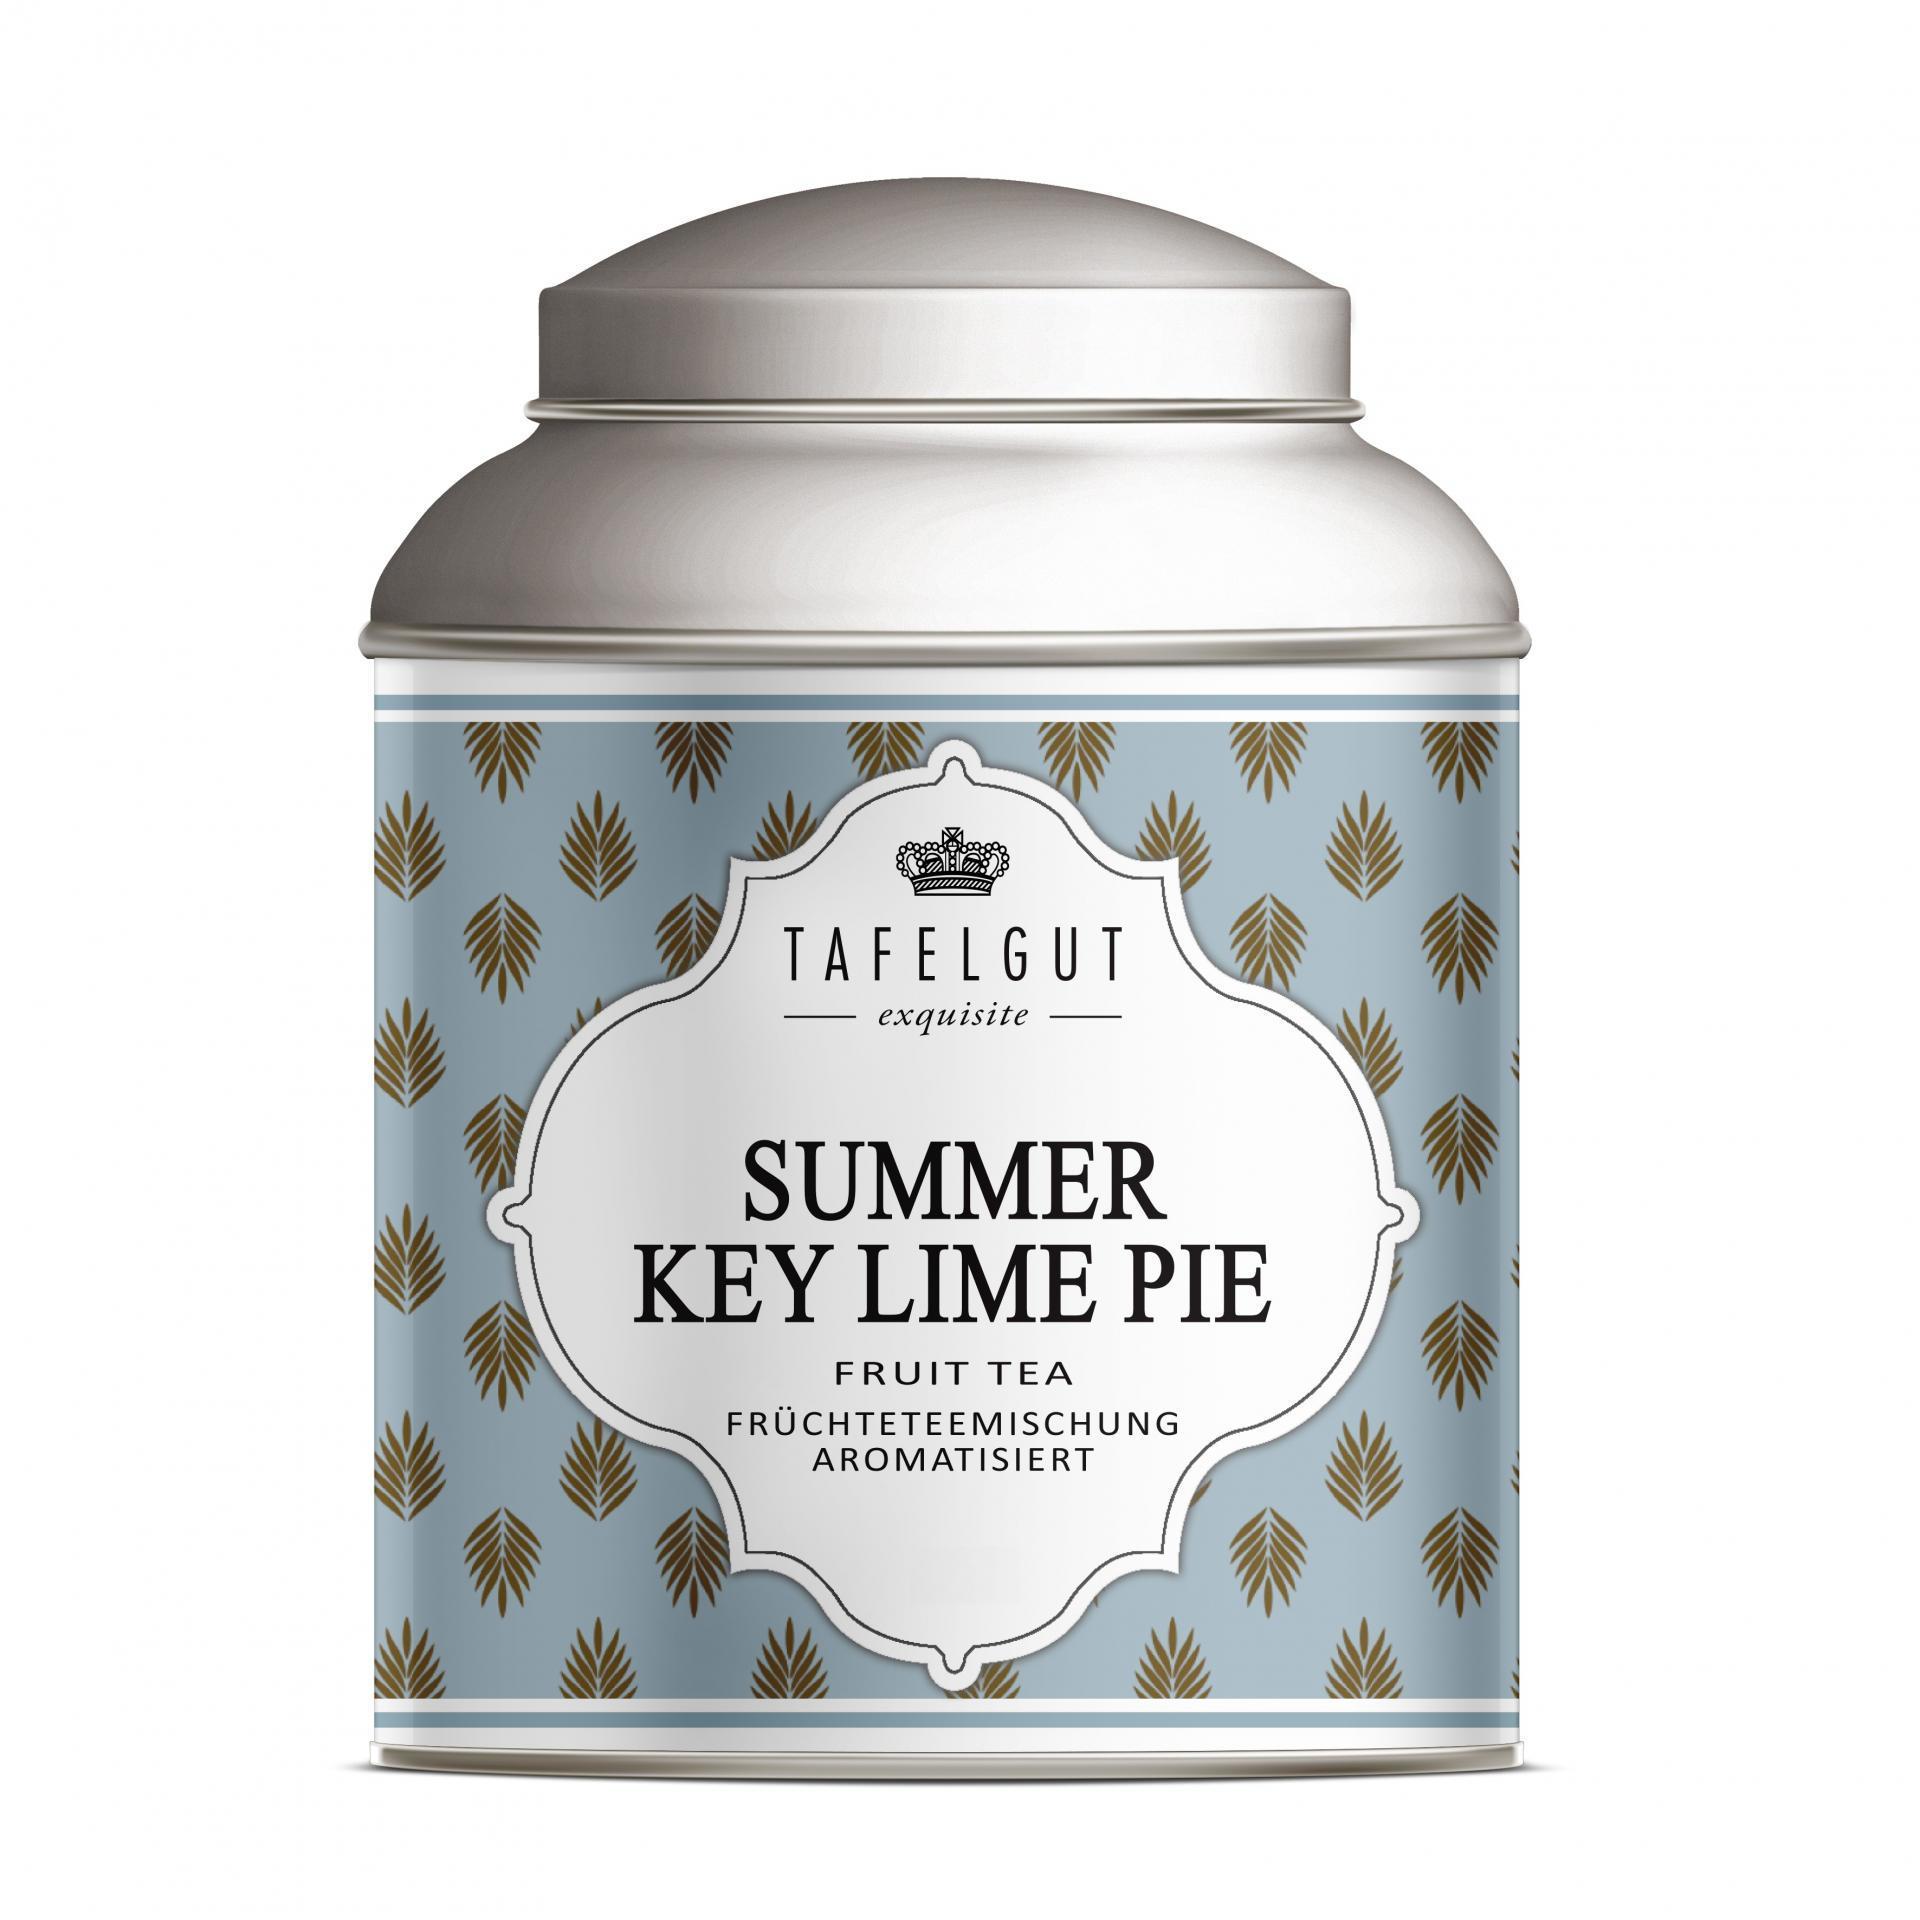 TAFELGUT Mini ovocný čaj Summer Key Lime Pie - 25gr, modrá barva, kov